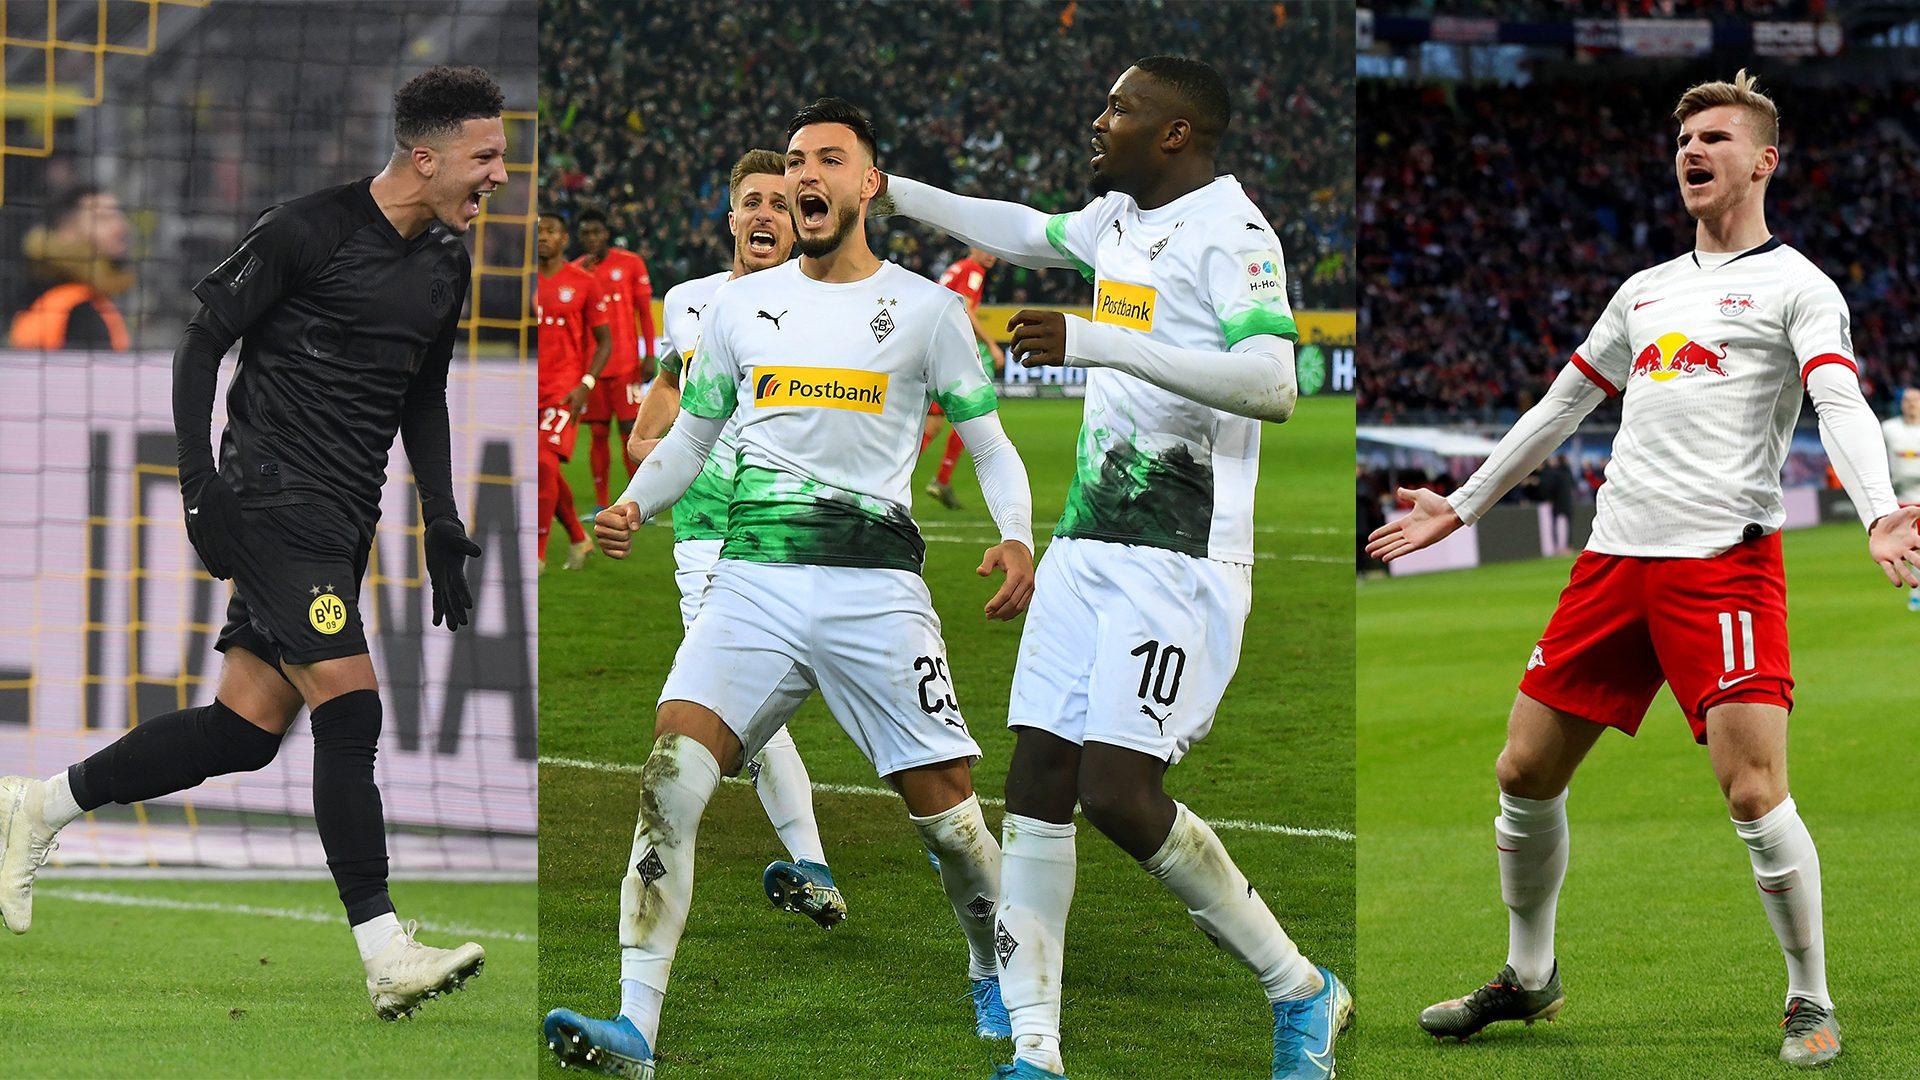 14. Spieltag im Fokus: Darüber spricht die Bundesliga